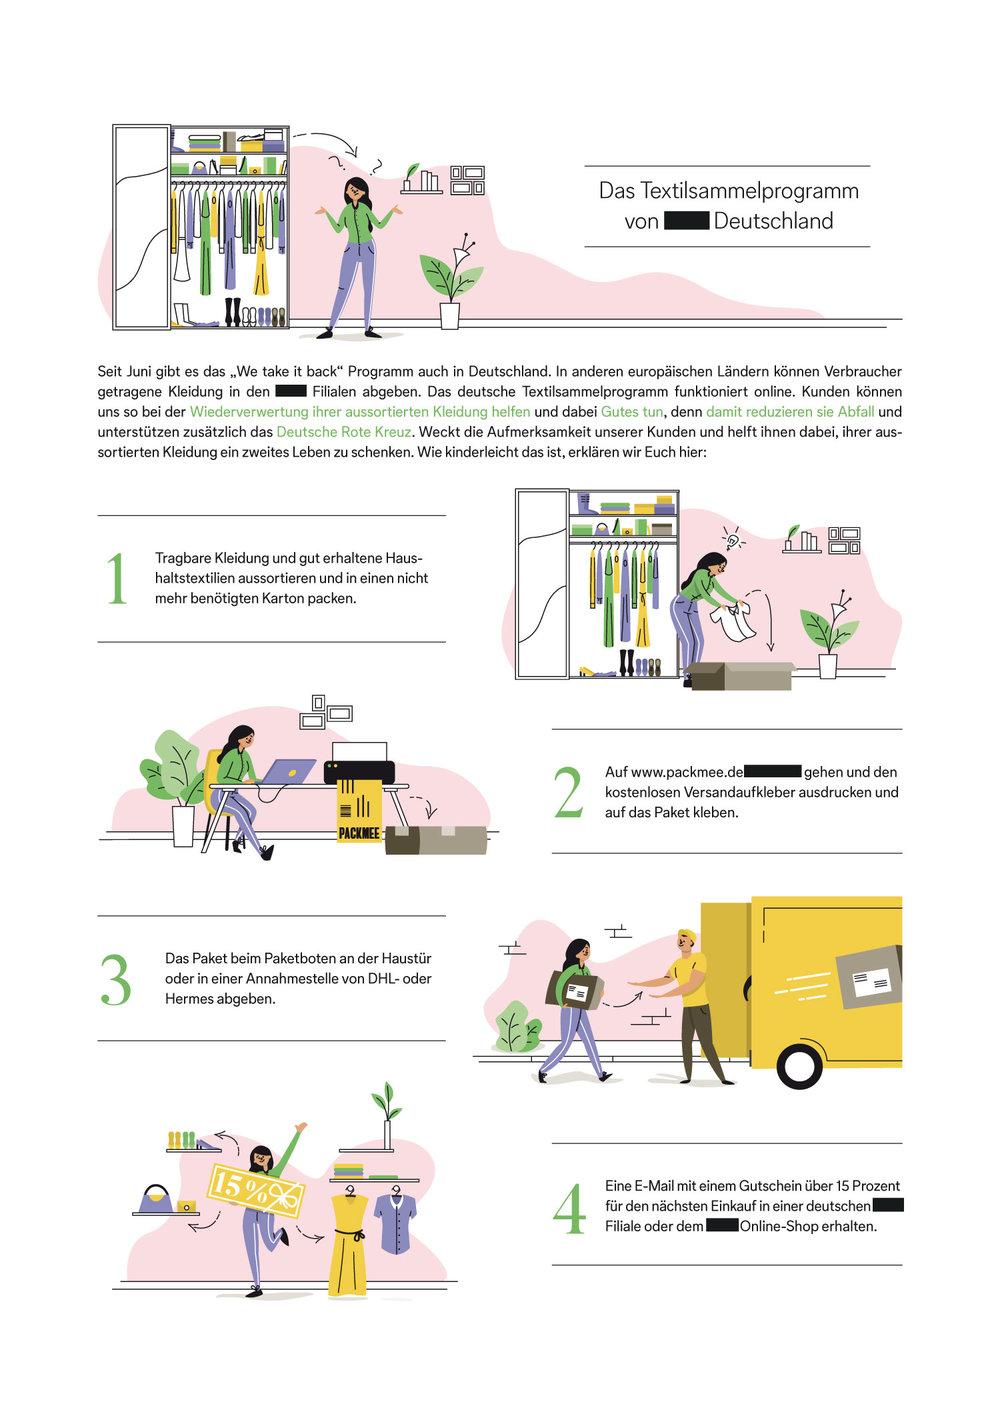 Editorial Illustration - Textilsammelprogramm - Elisabeth Deim